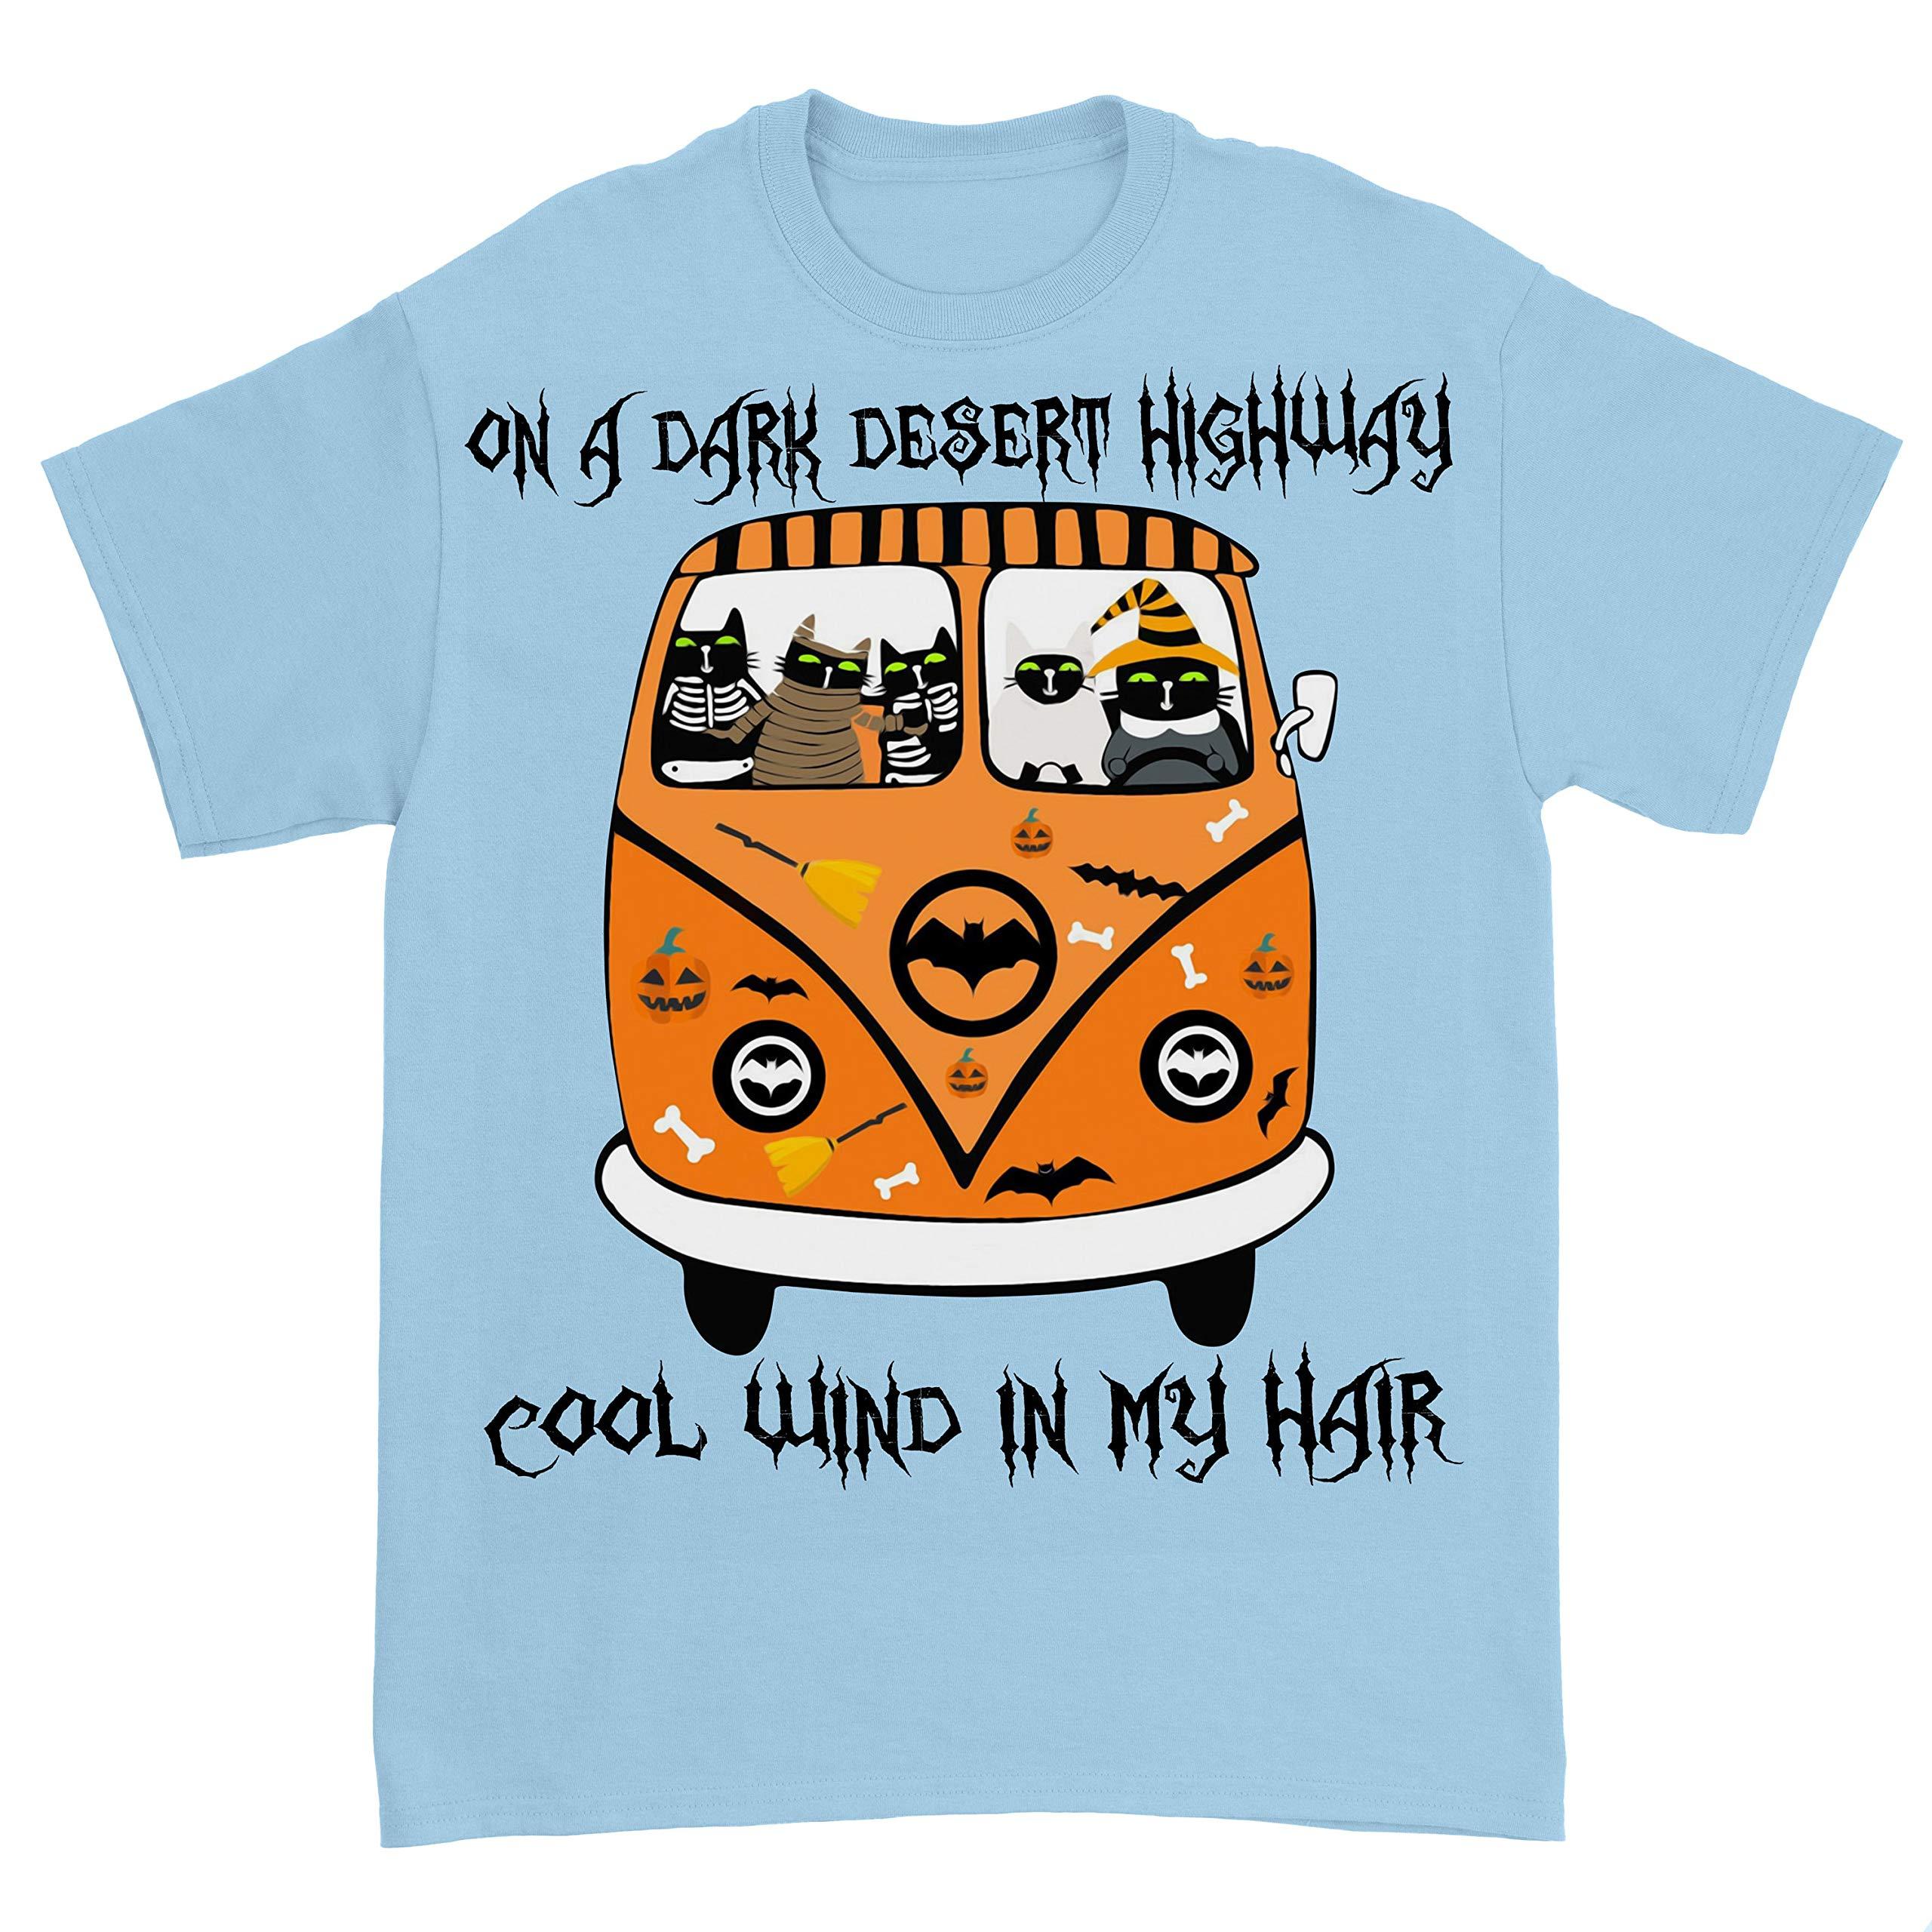 Hippie Van Car Black Cat Lovers On A Dark Desert Highway Cool Wind In My Hair Peace Love S